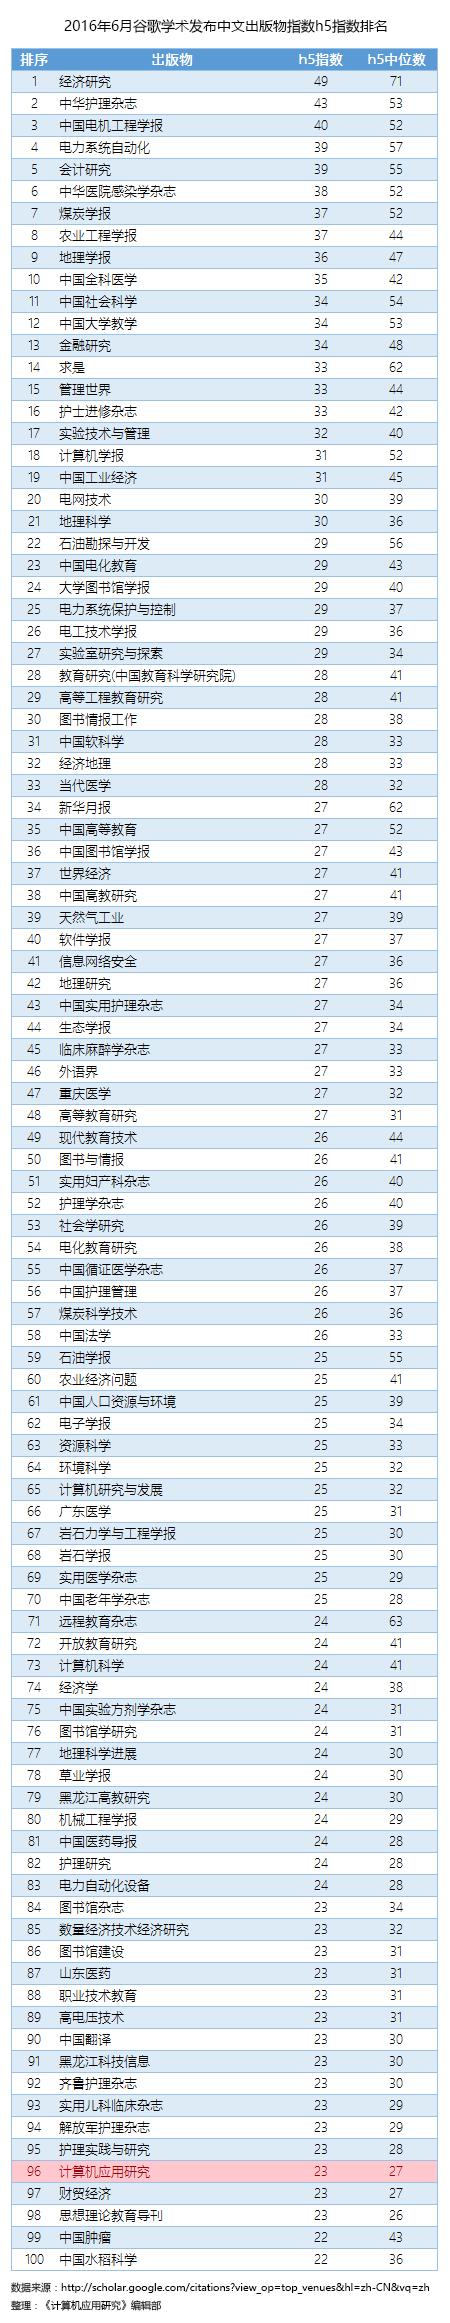 中文期刊前100排行